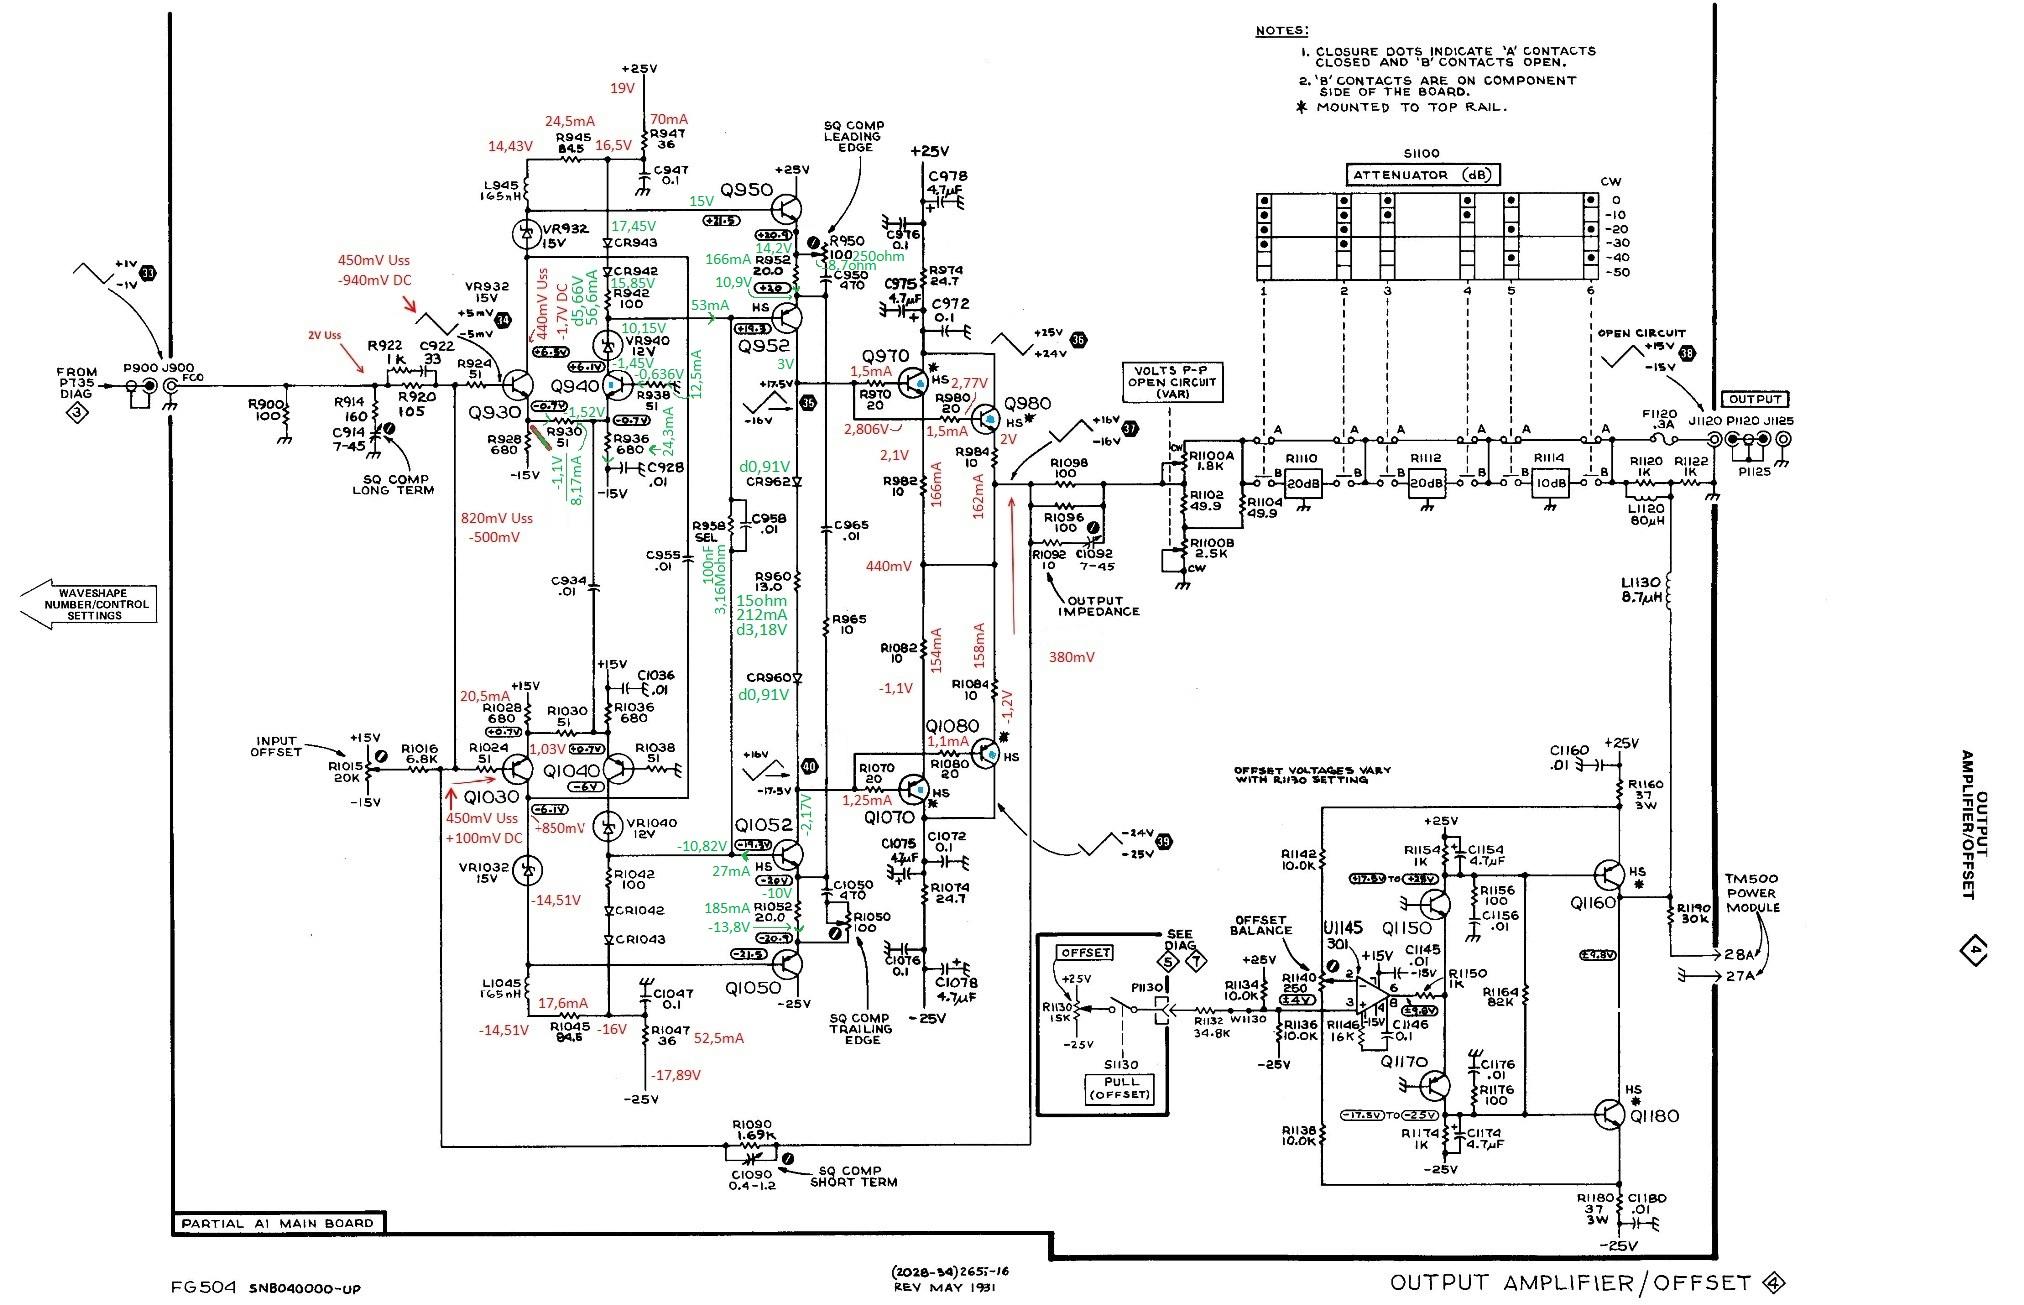 Berühmt 1931 Modell Ein Schaltplan Bilder - Elektrische Schaltplan ...